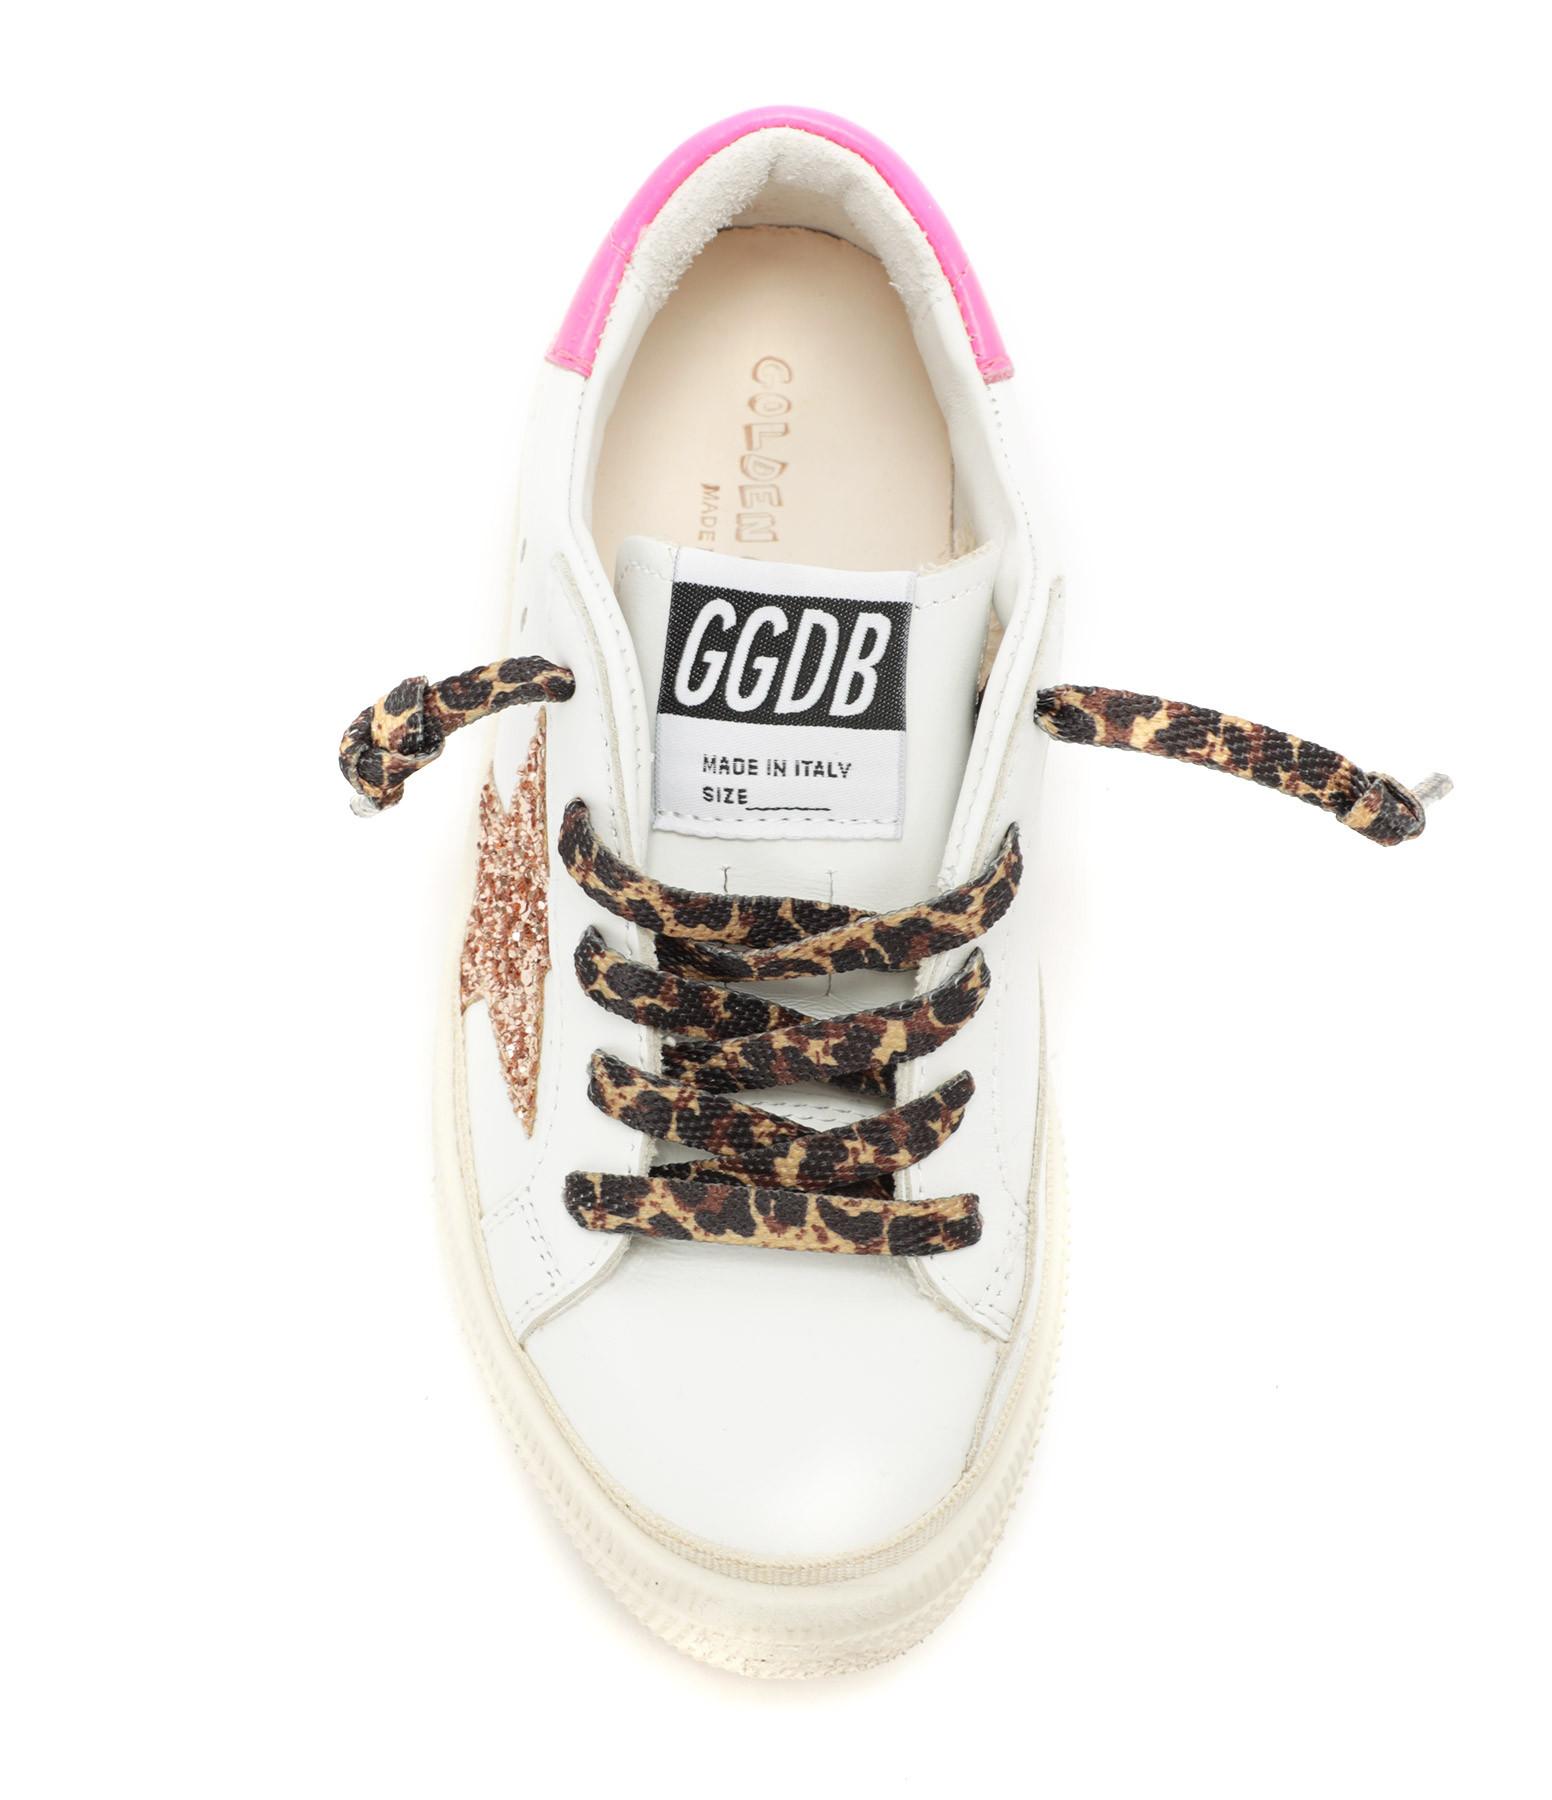 GOLDEN GOOSE - Baskets Bébé May Cuir Glitter Pêche Rose Fluo